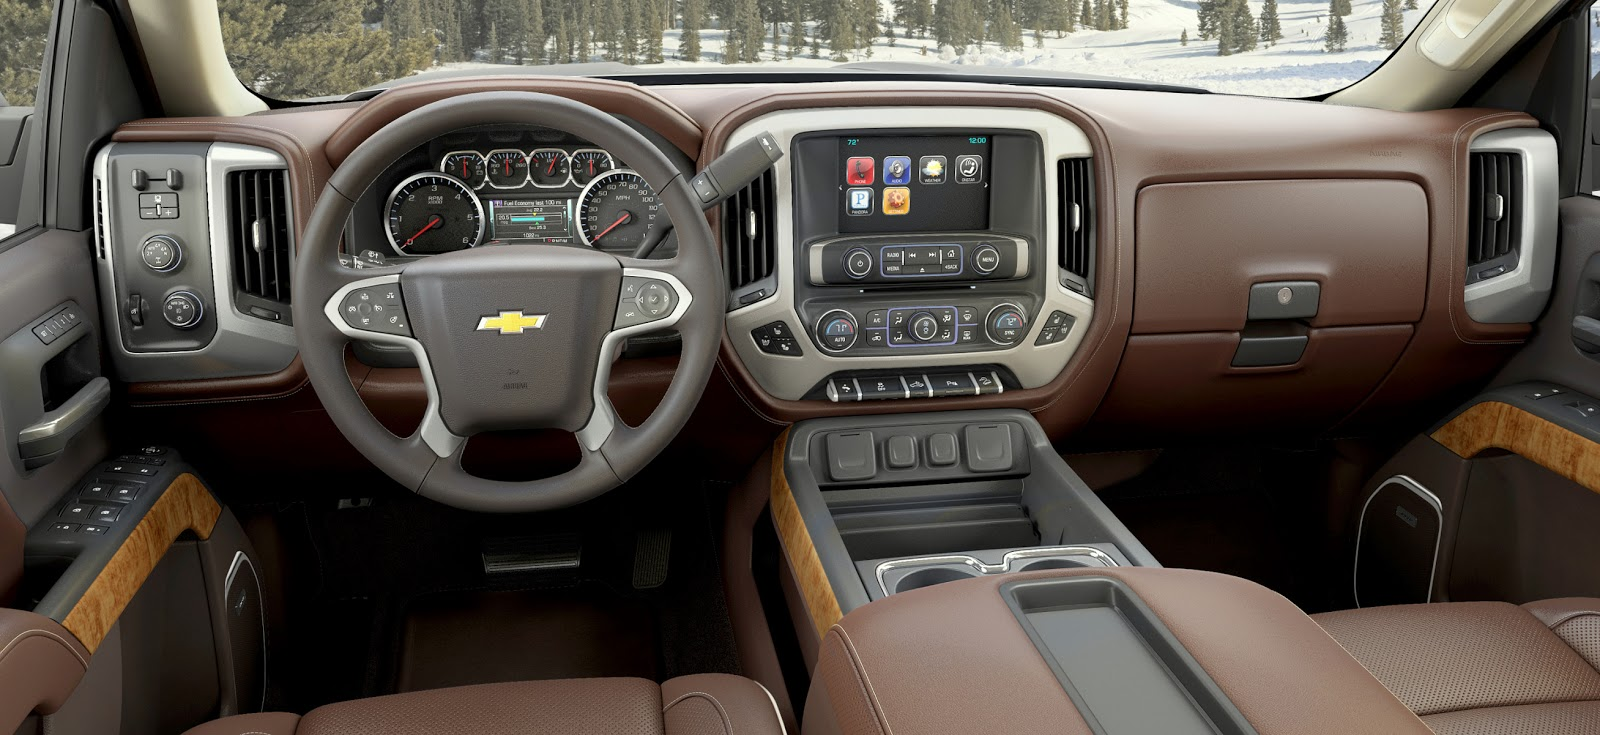 2014 Chevrolet Silverado High Country Dash Photo 15